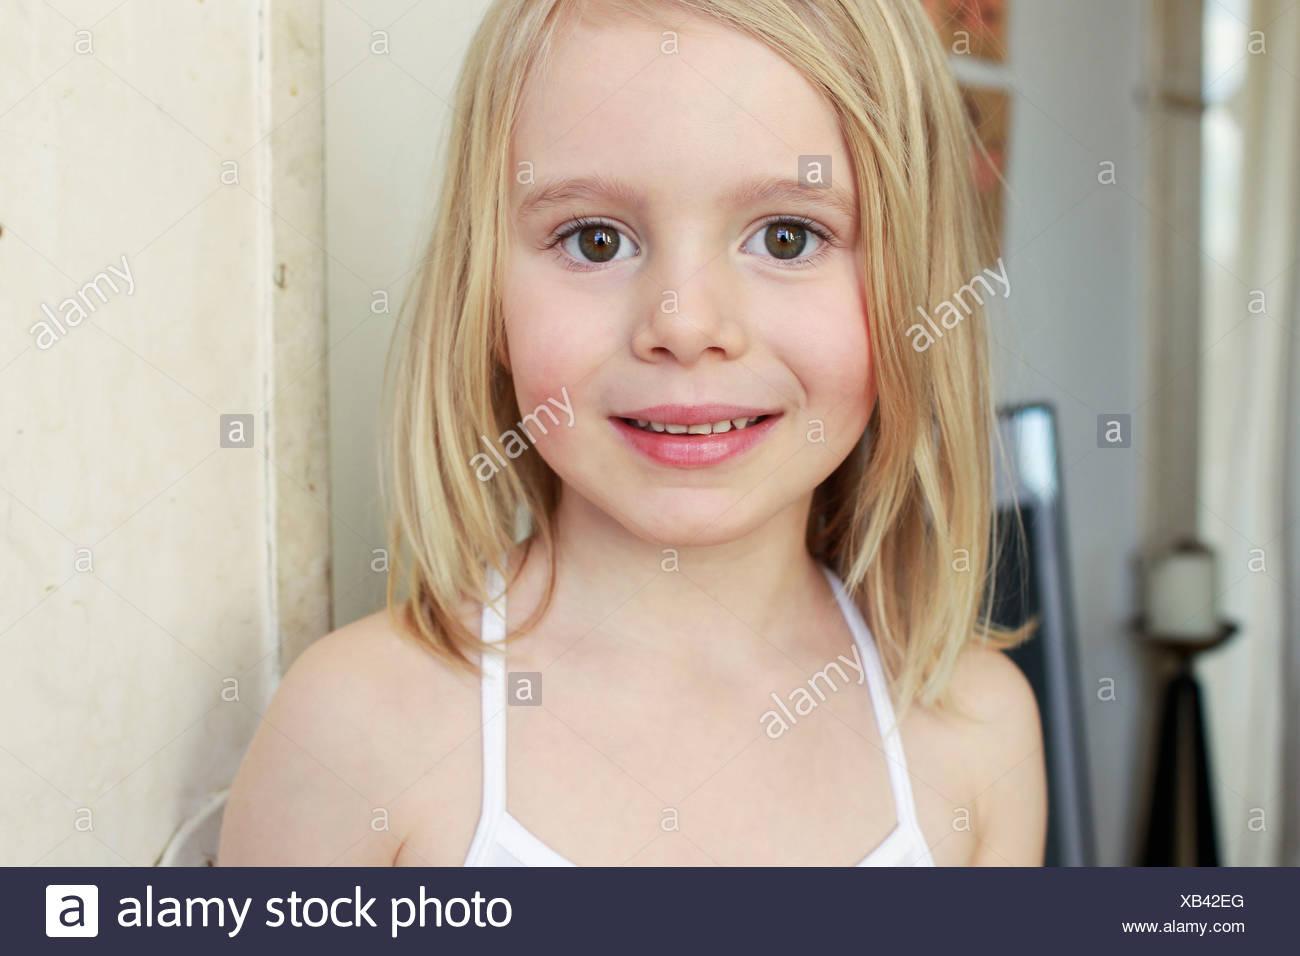 Retrato de inocente niña en el corredor Imagen De Stock